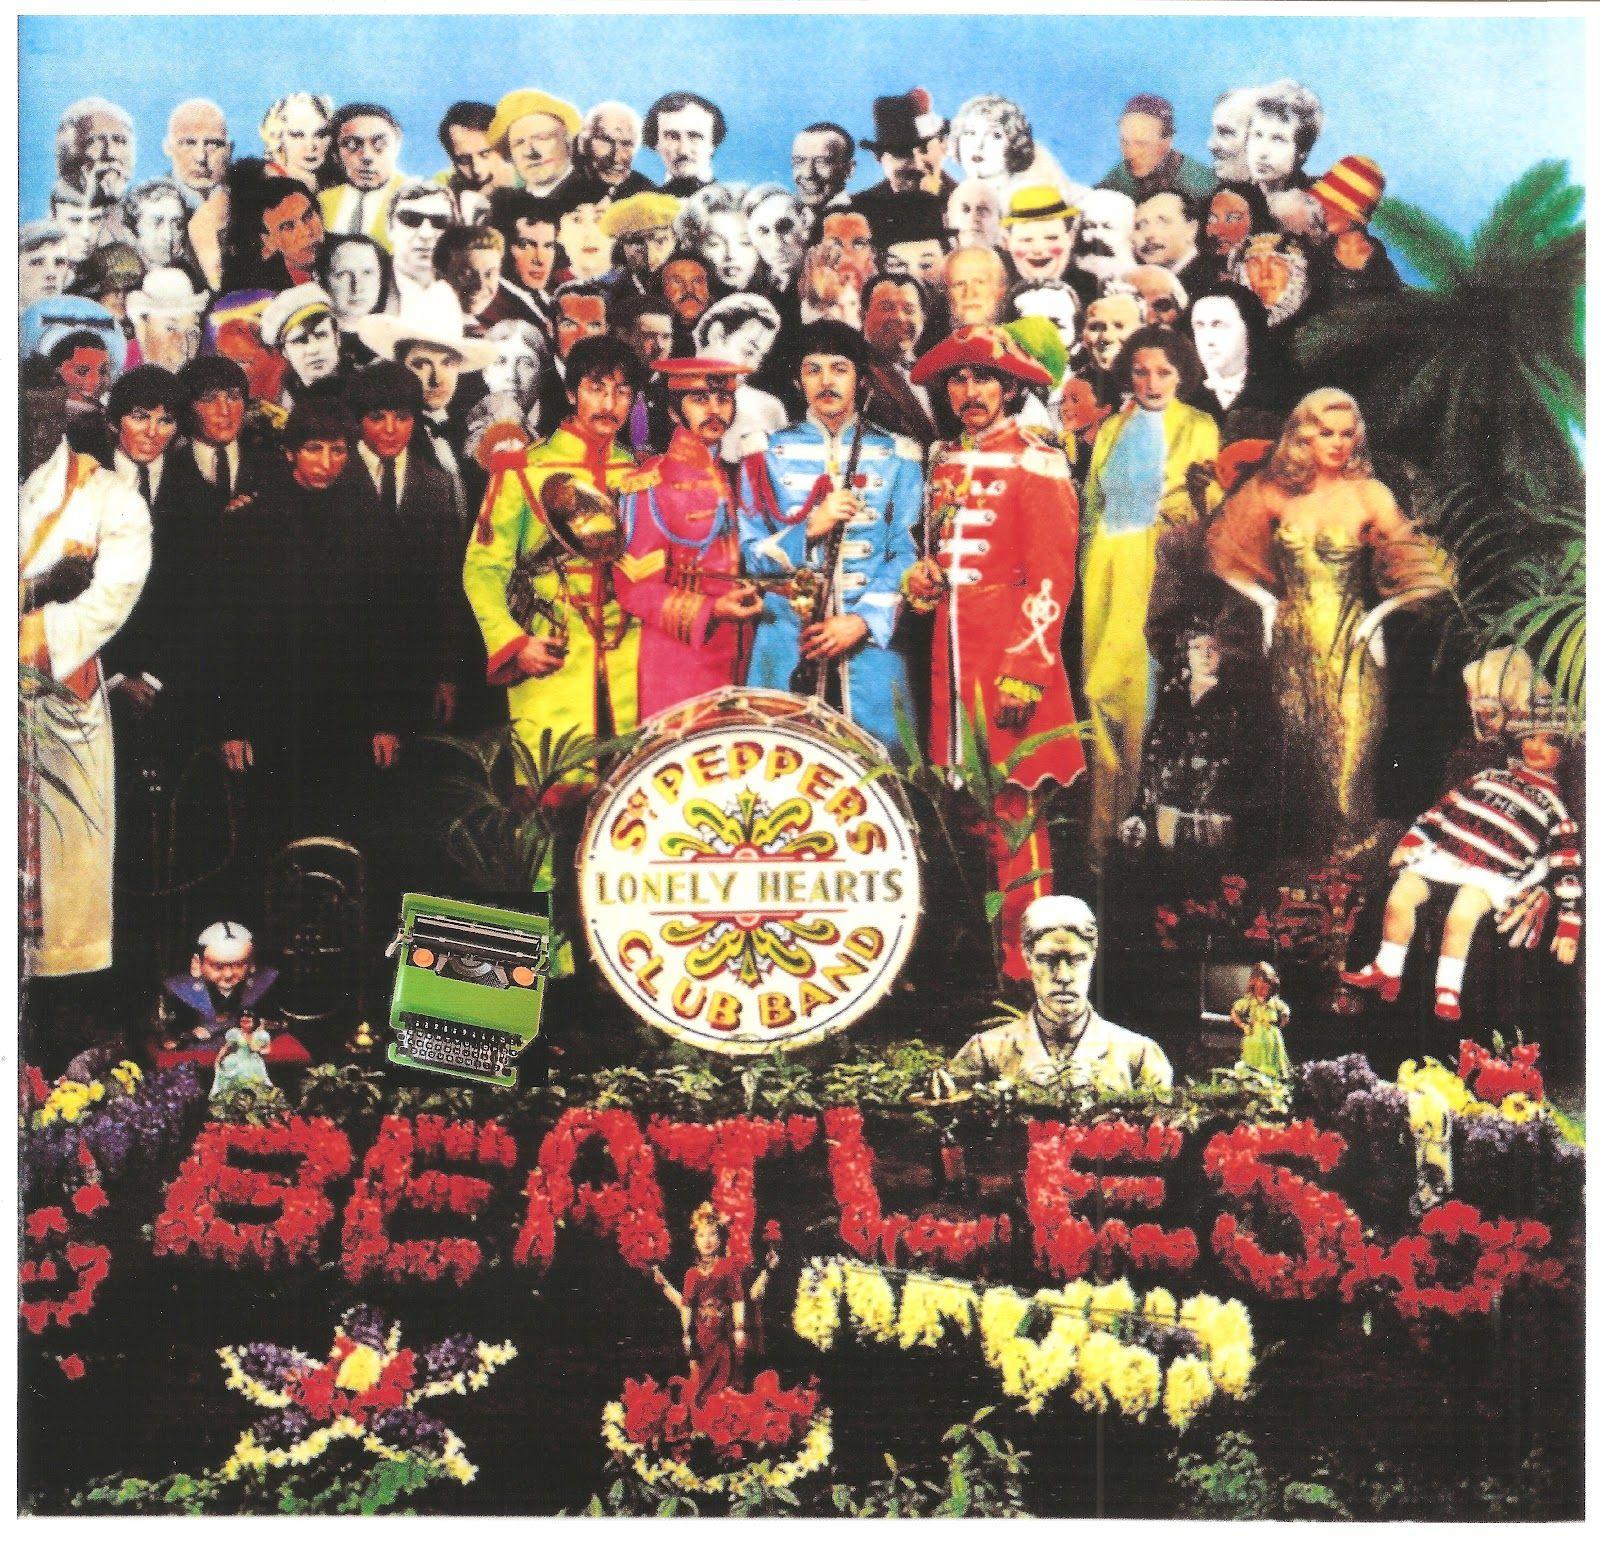 cover album 1970 - Cerca con Google